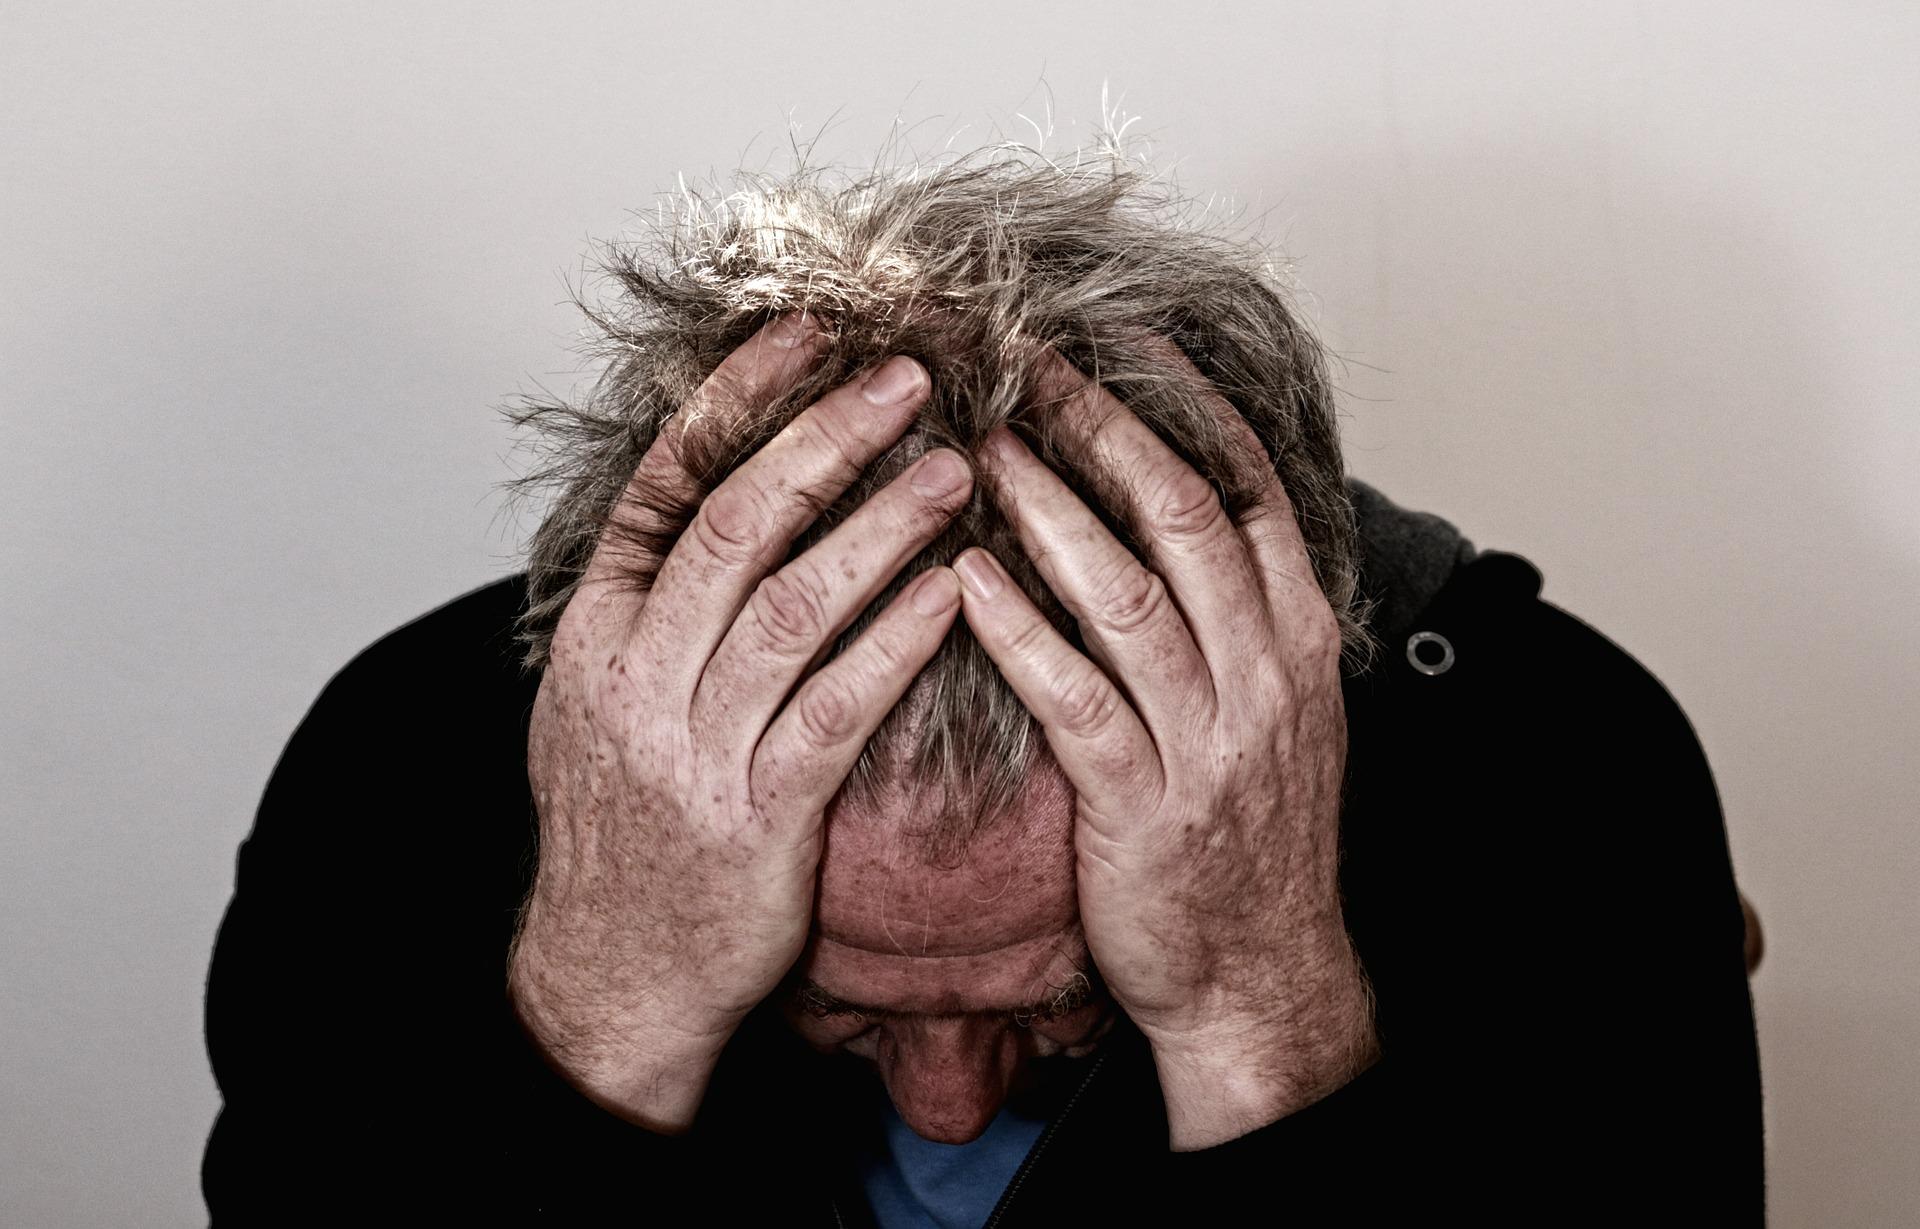 最近、透析中から続く頭痛に悩んでいます